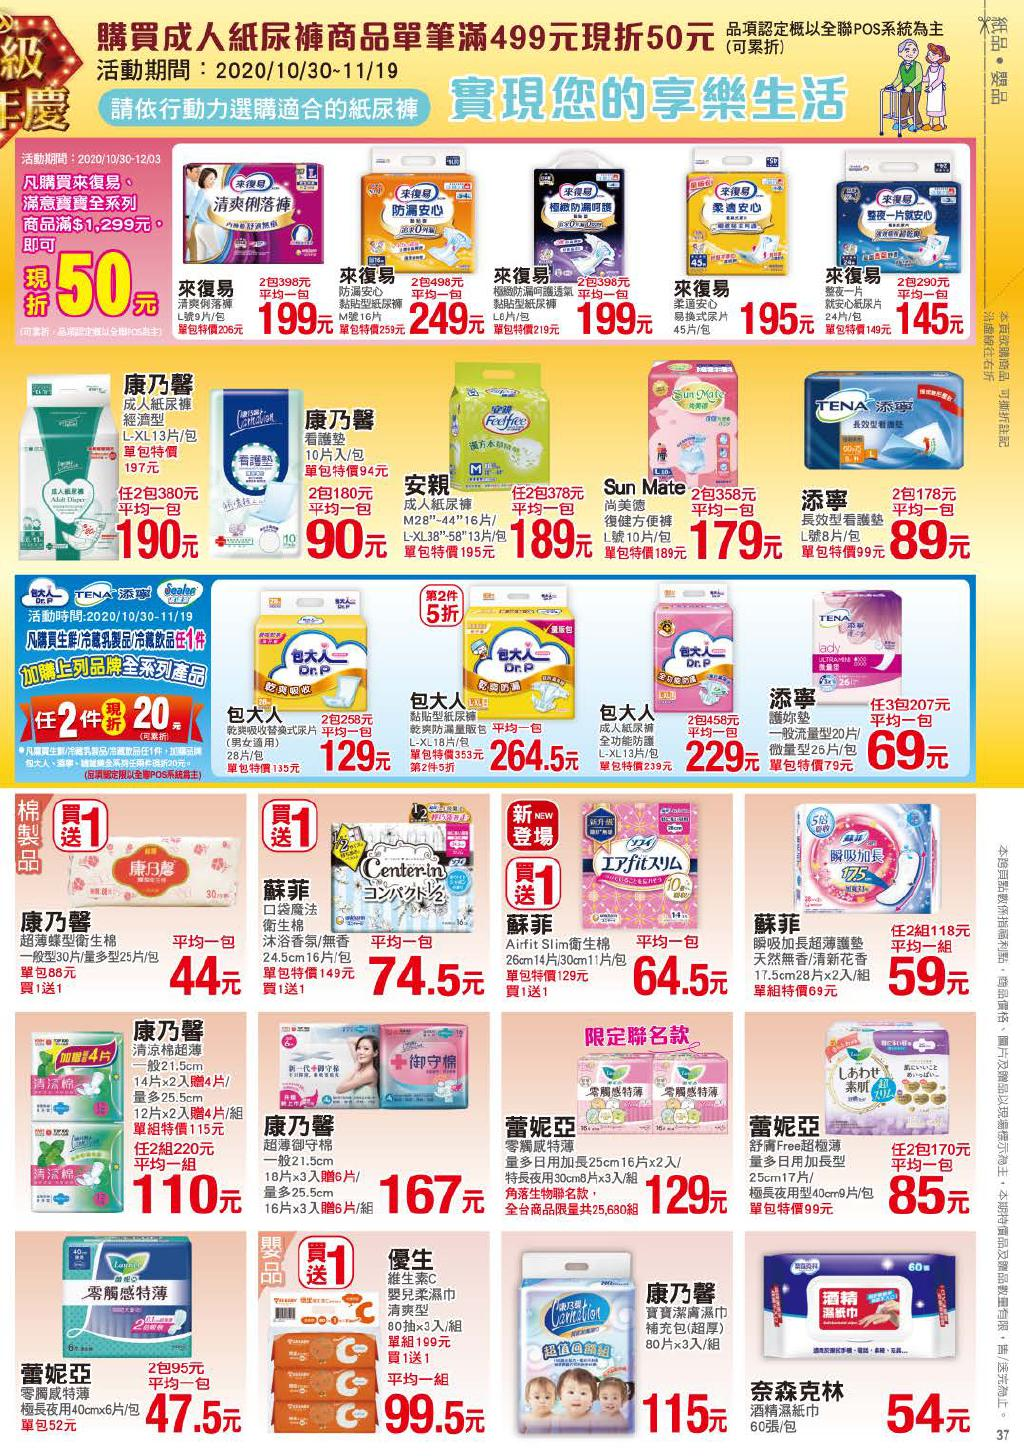 pxmart20201119_000037.jpg